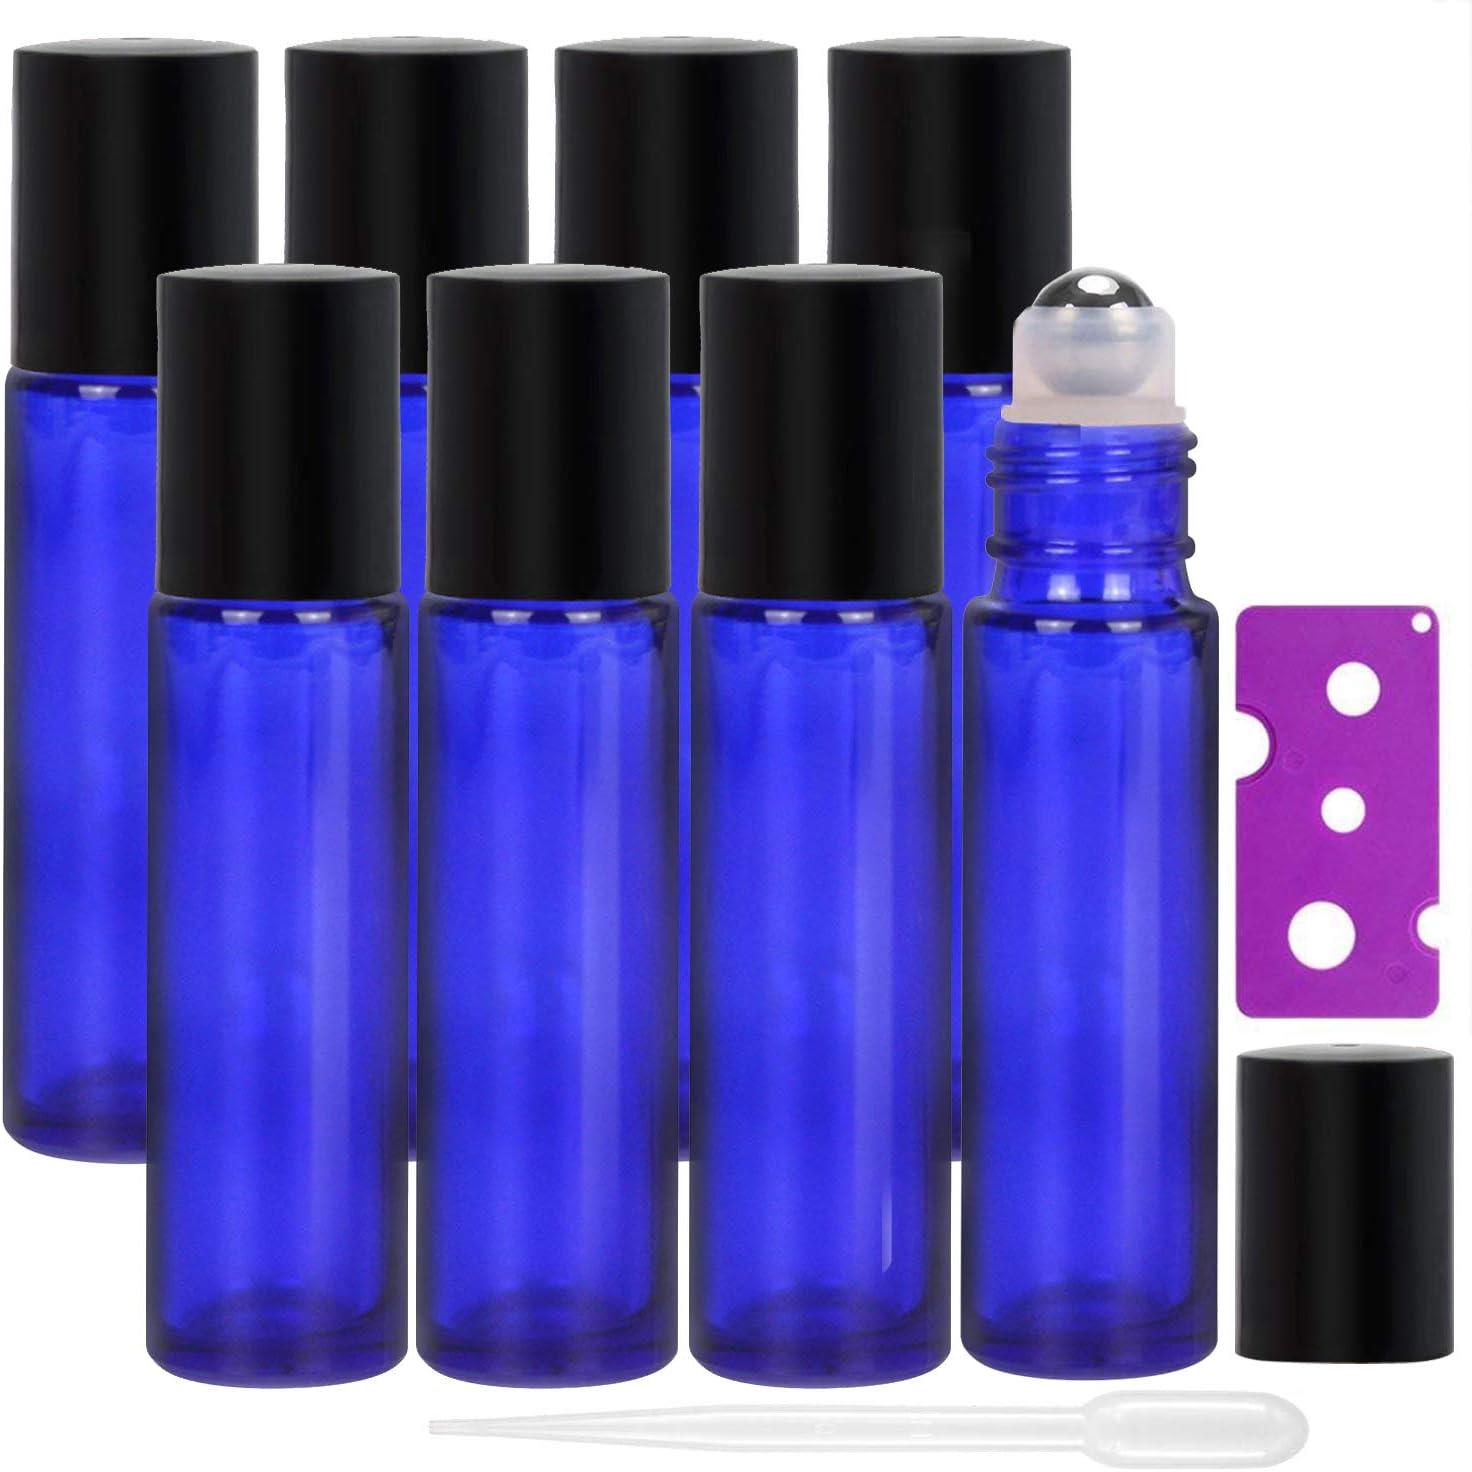 Alledomain, 8 botellas de 10 ml de aceites esenciales, botellas de vidrio recargables de color azul cobalto con bolas de acero inoxidable, incluye 12 etiquetas, 1 cuentagotas y abridor